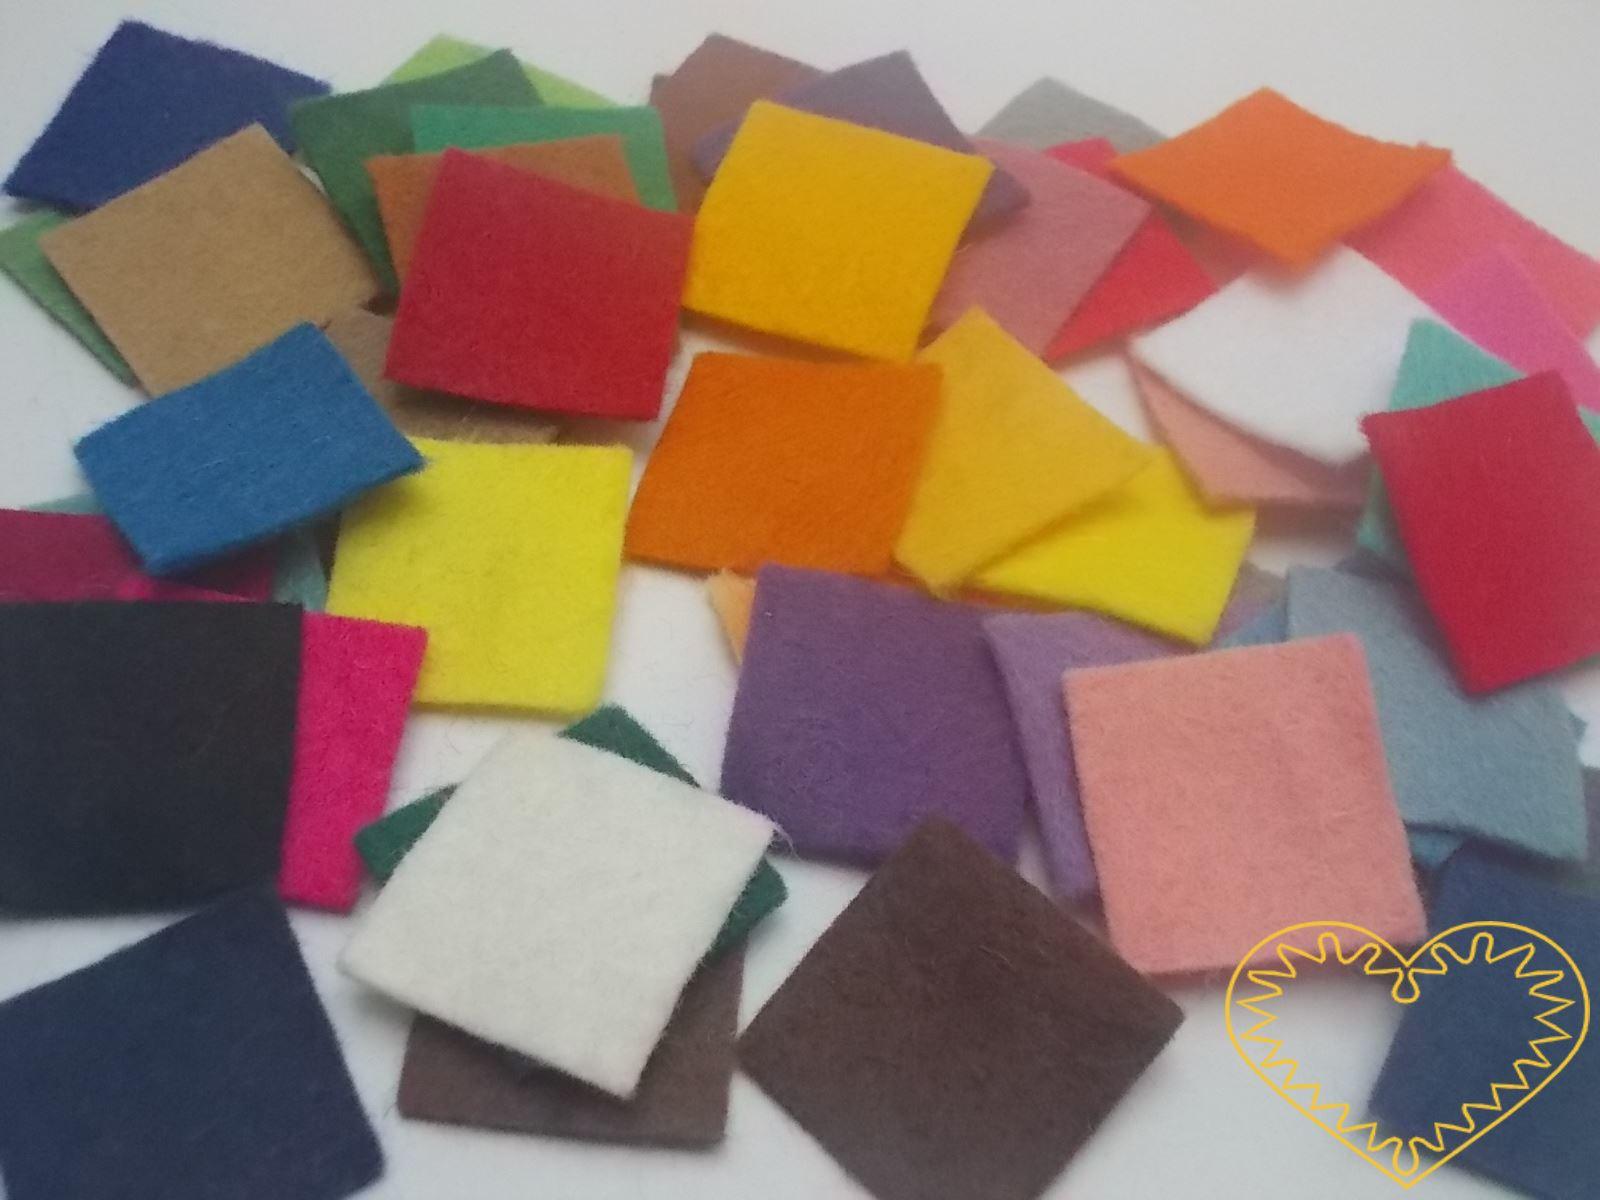 Barevné plstěné čtverečky 2,2 x 2,2 cm - 50 ks. Každý čtvereček má jiný barevný odstín - celá barevná škála. Kreativní materiál pro nejrůznější tvoření doma i ve škole.